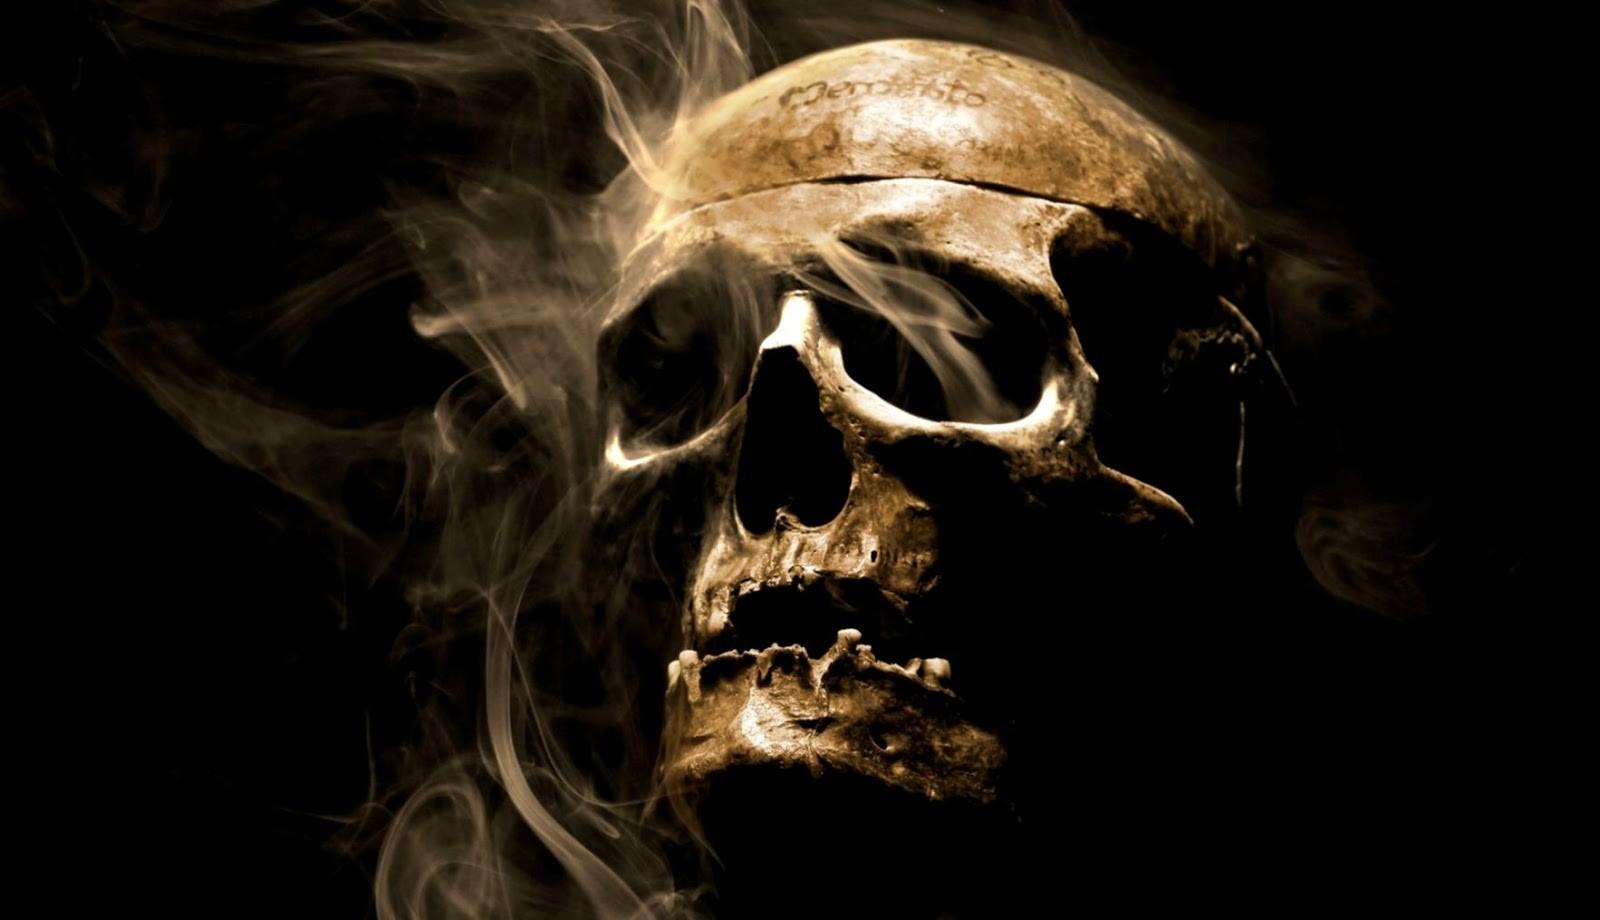 Smoke skull hd artist 4k wallpapers images backgrounds - Skull 4k images ...